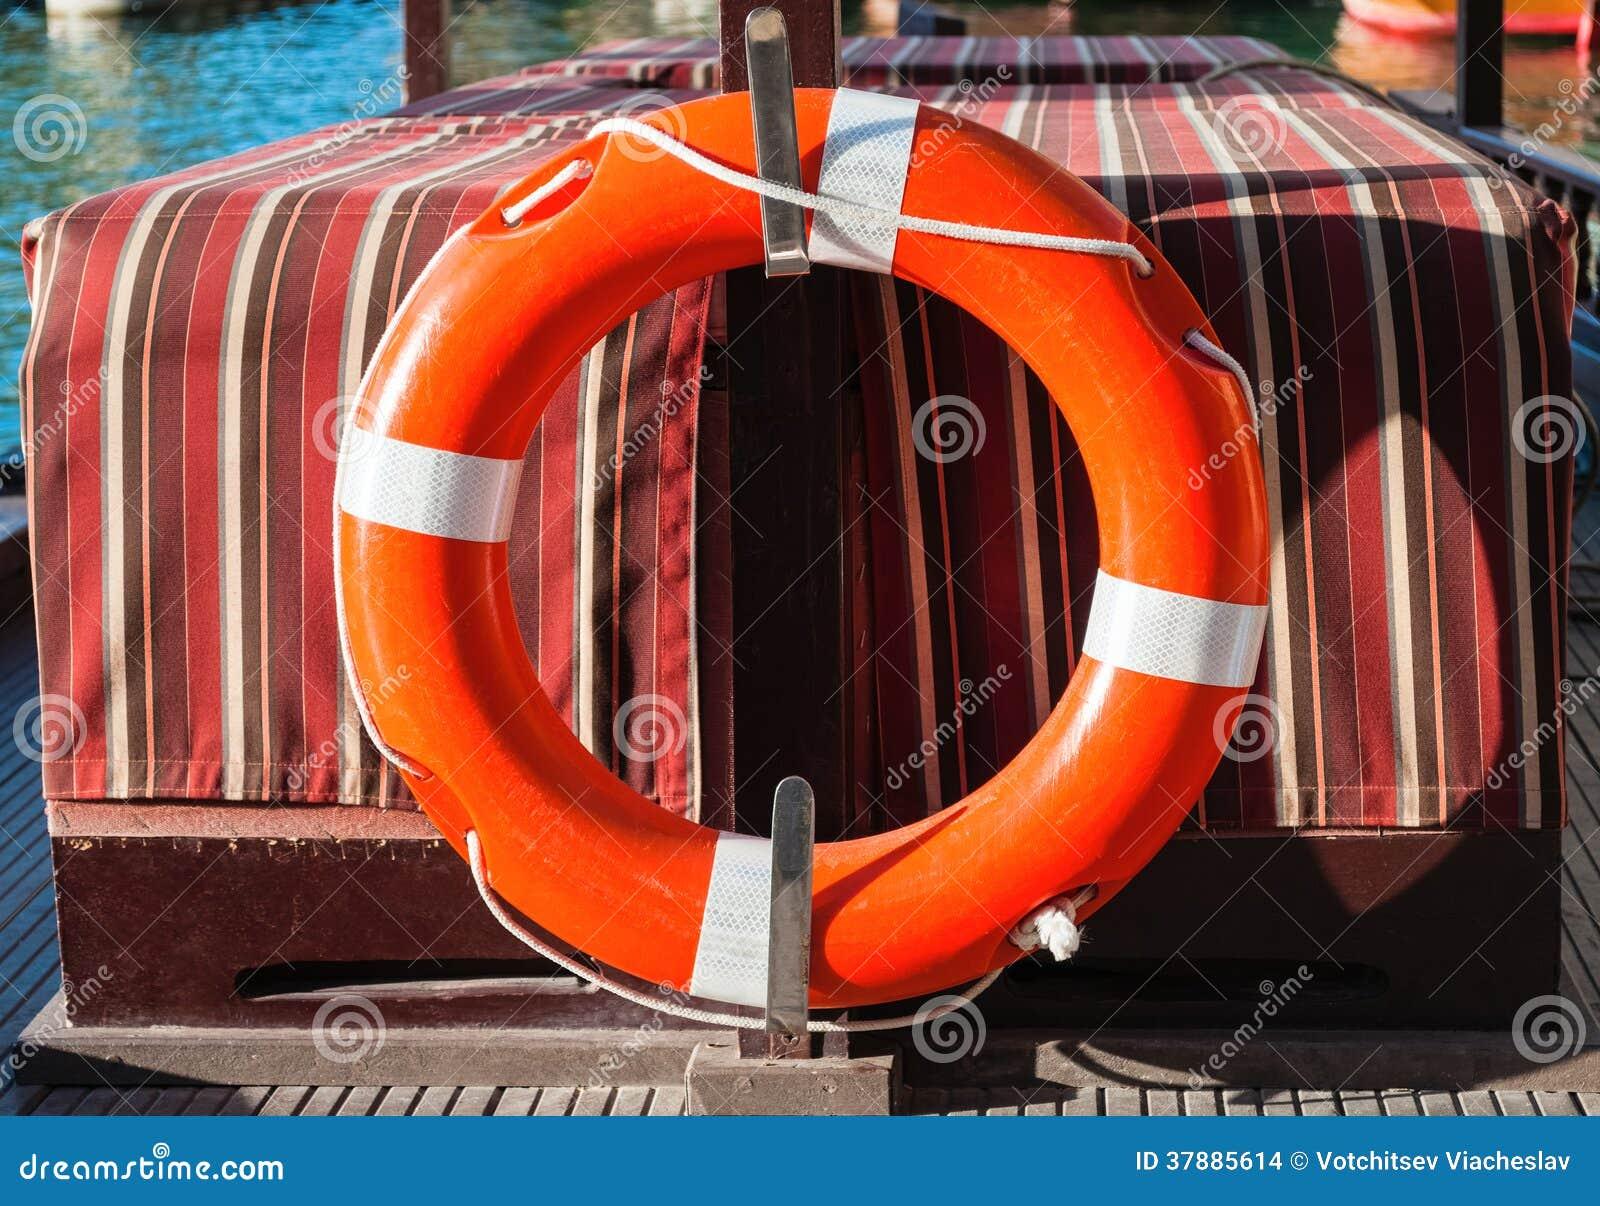 Reddingsgordel op een boot